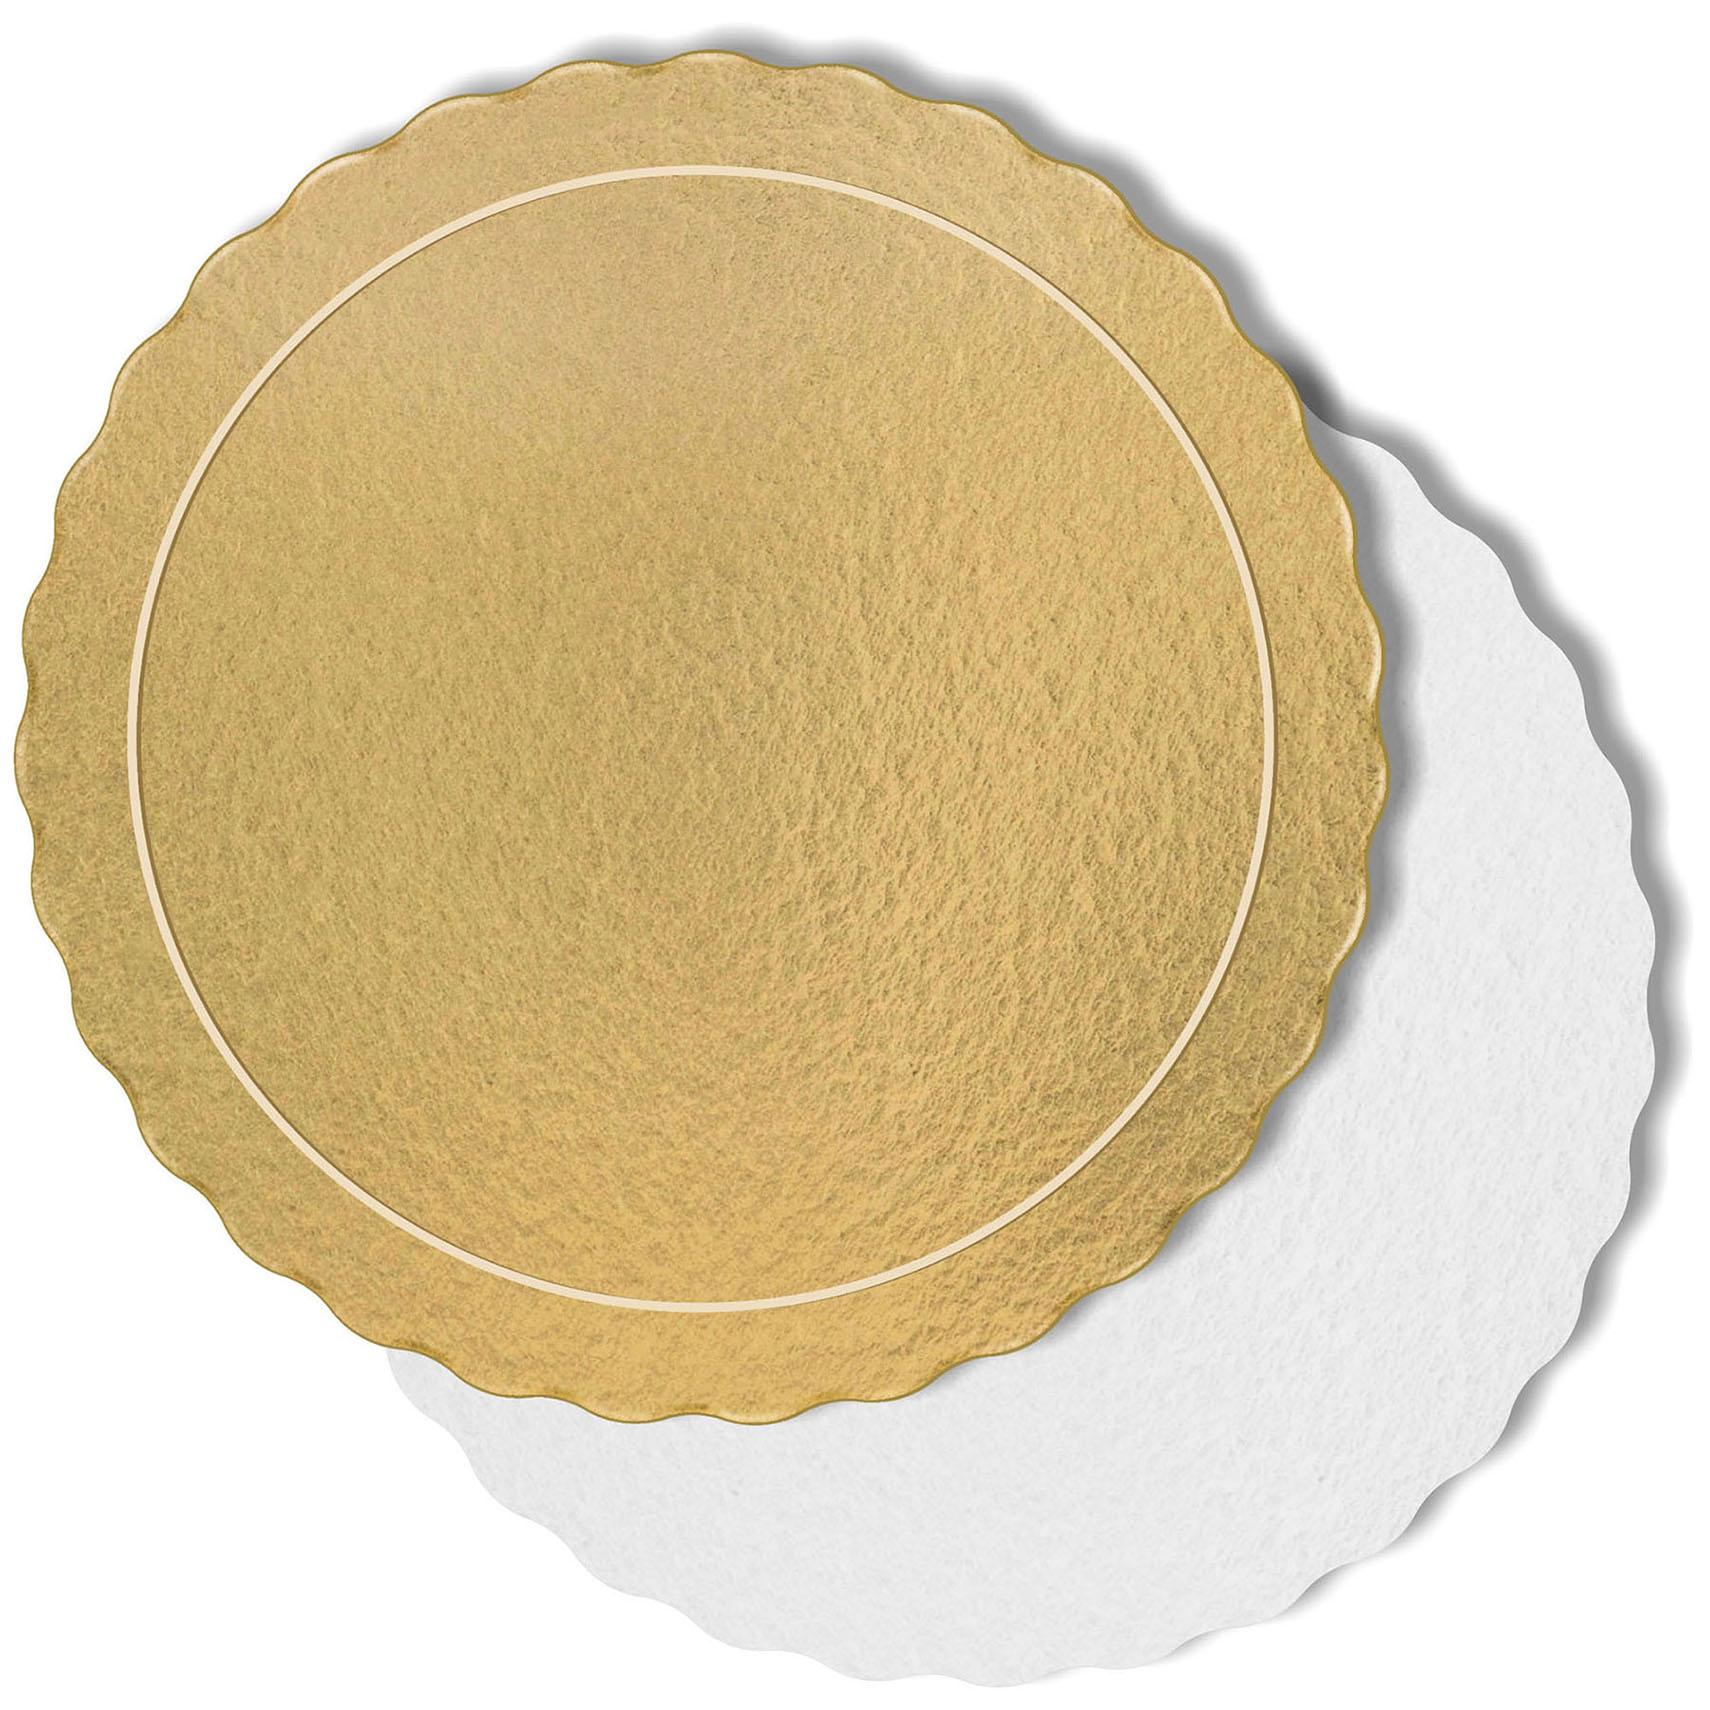 50 Bases Laminadas P/ Bolo 35cm - Ouro